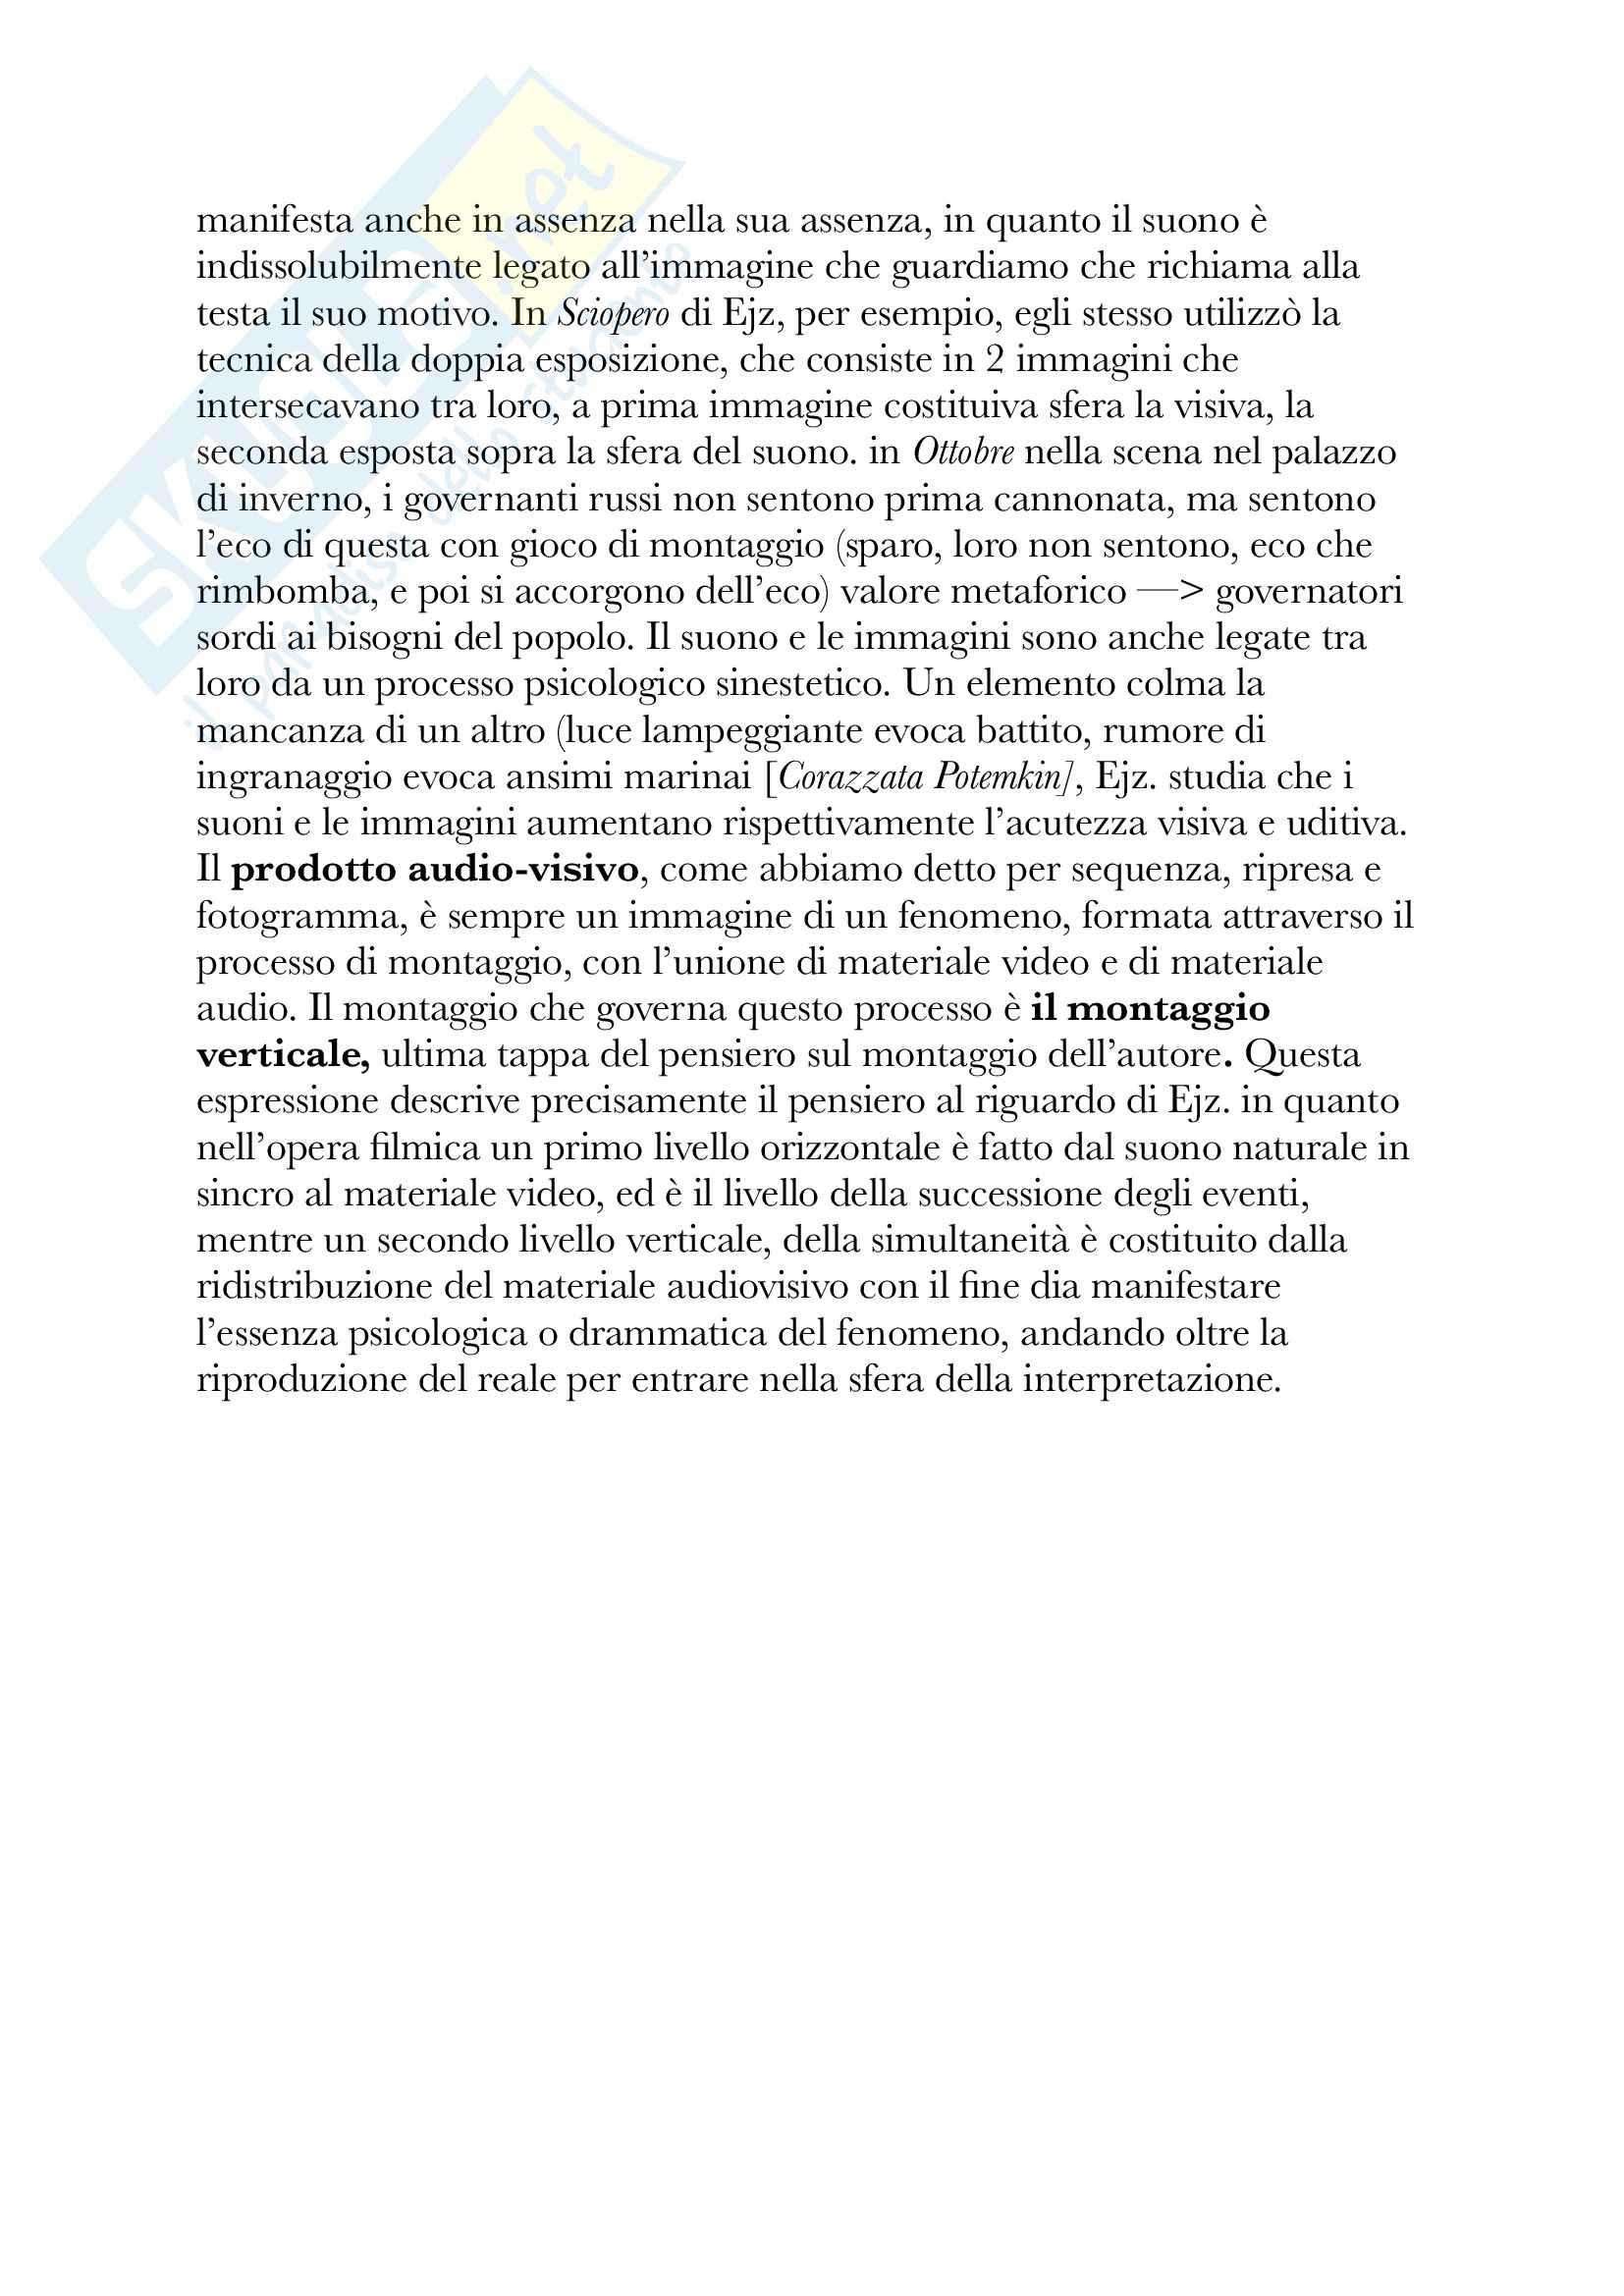 Riassunto esame Teoria e tecniche del montaggio cinematografico, Docente Rossi, Libro consigliato Teorie Generale del montaggio Pag. 6